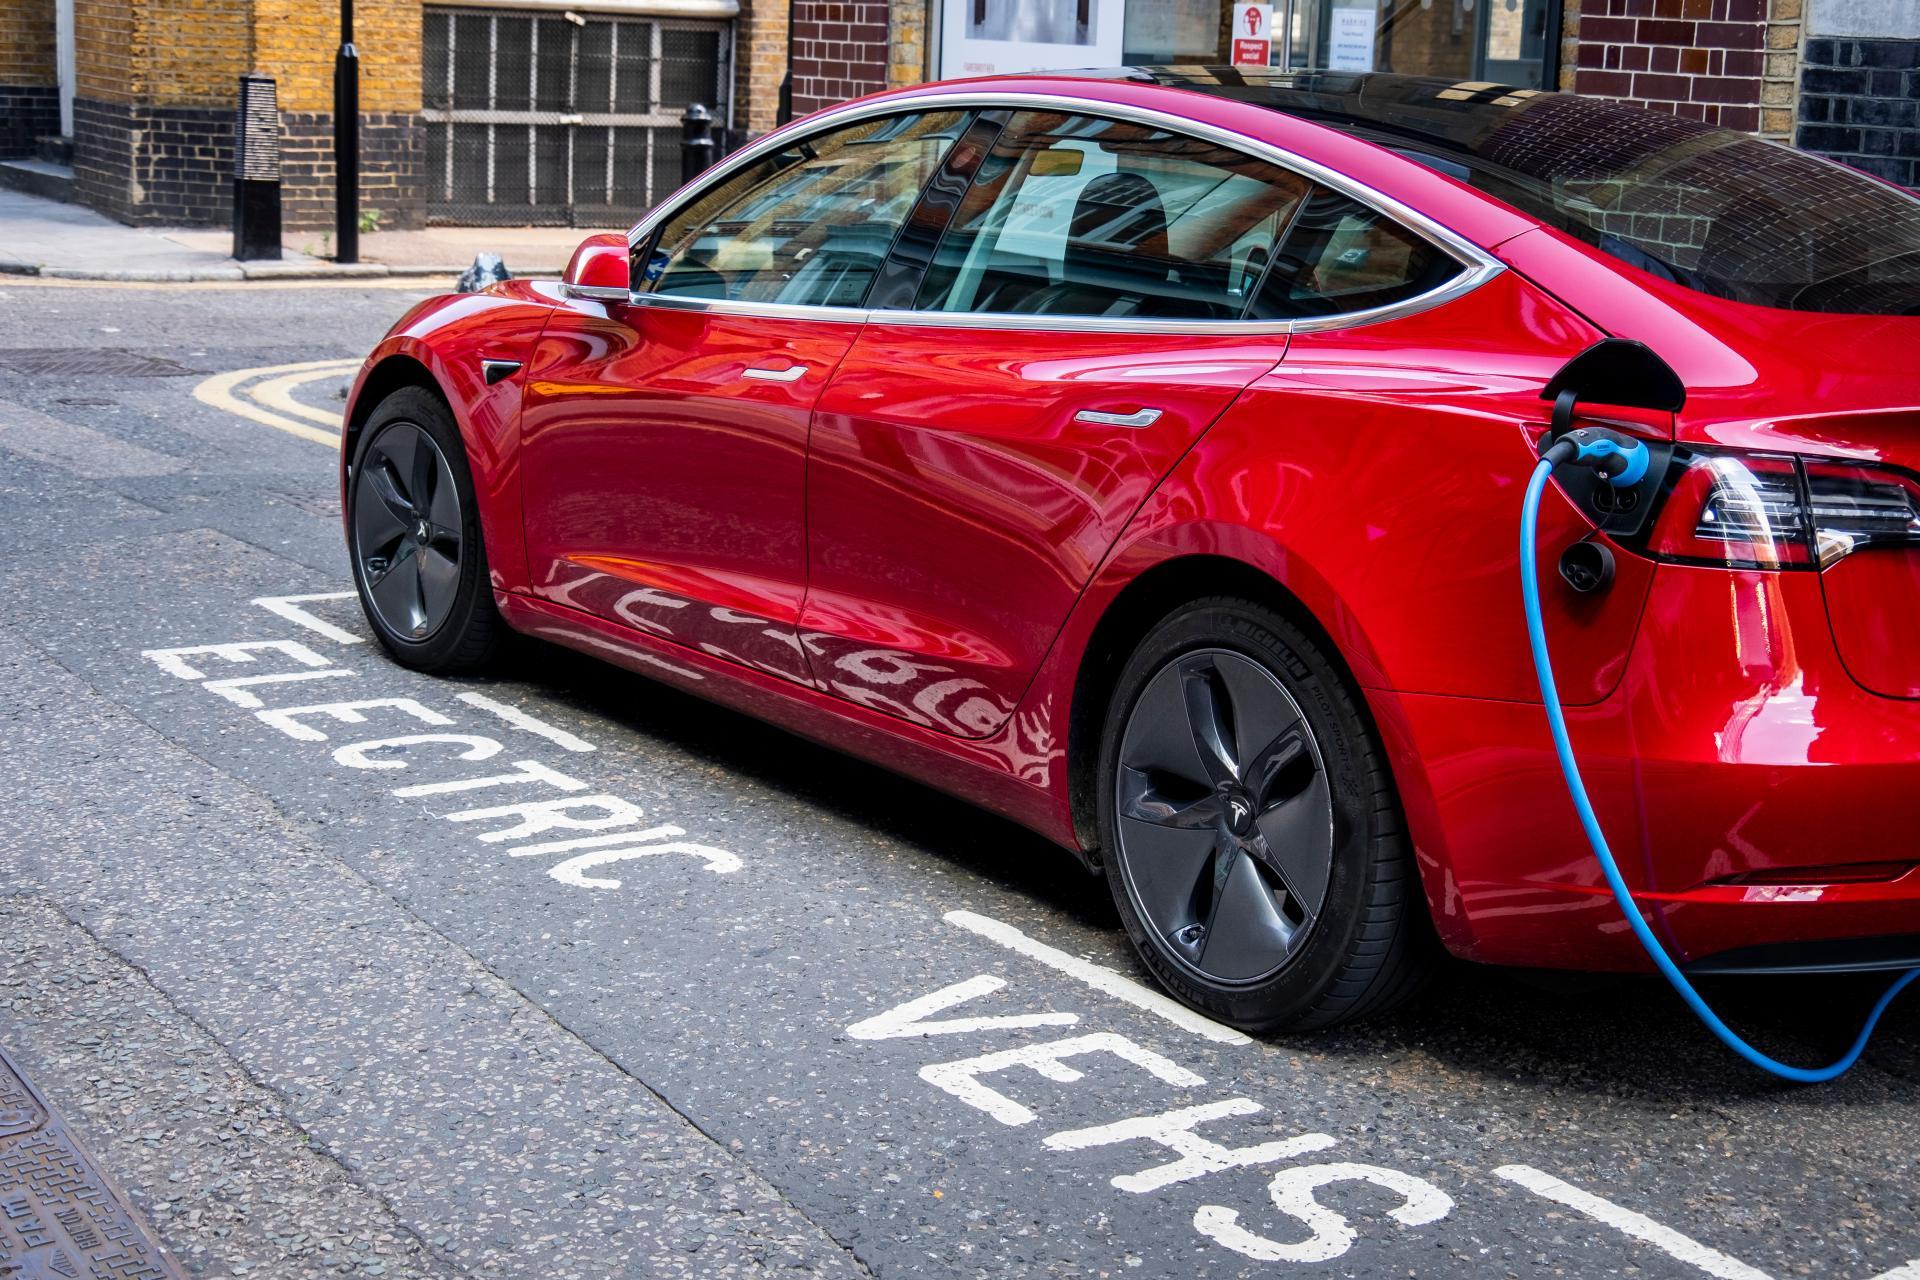 Elon Musk dementiert Pläne für Tesla Model 3 mit 100 kWh-Akku-Pack